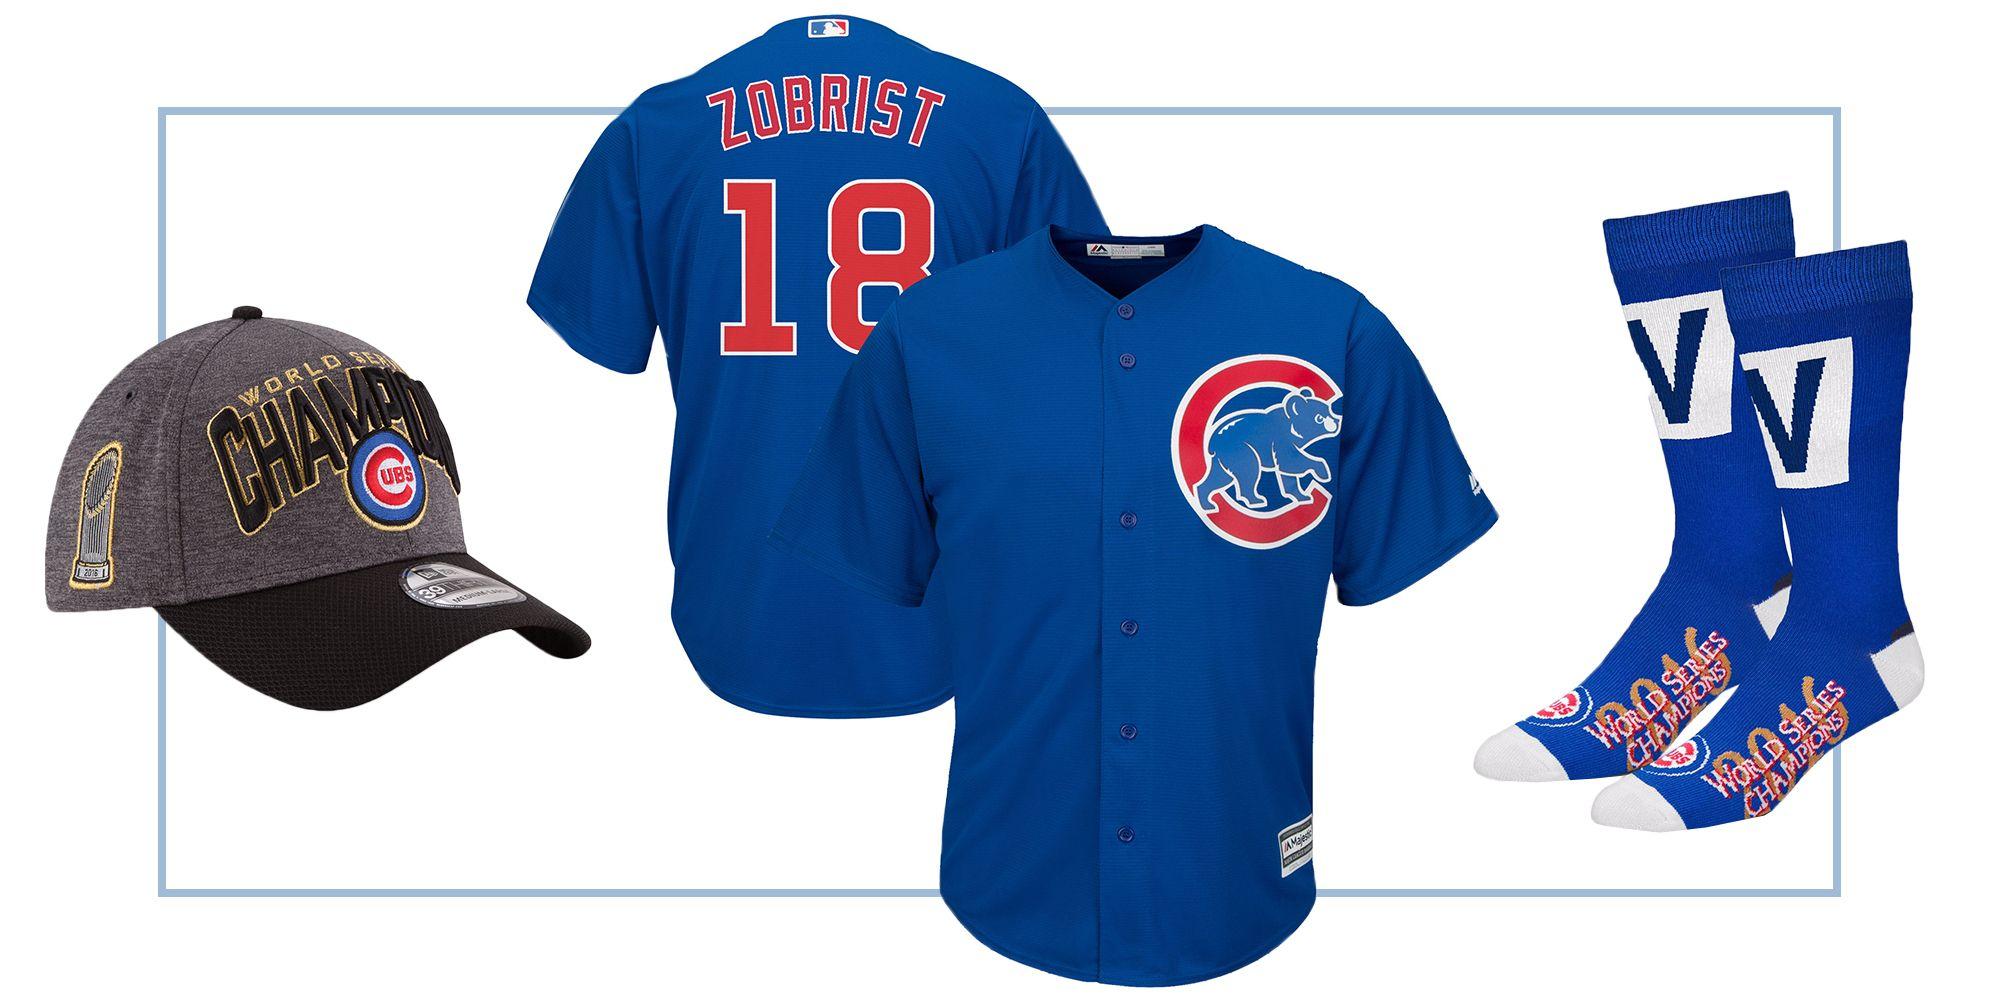 8 Best Chicago Cubs Gear 4cc0c456ea06